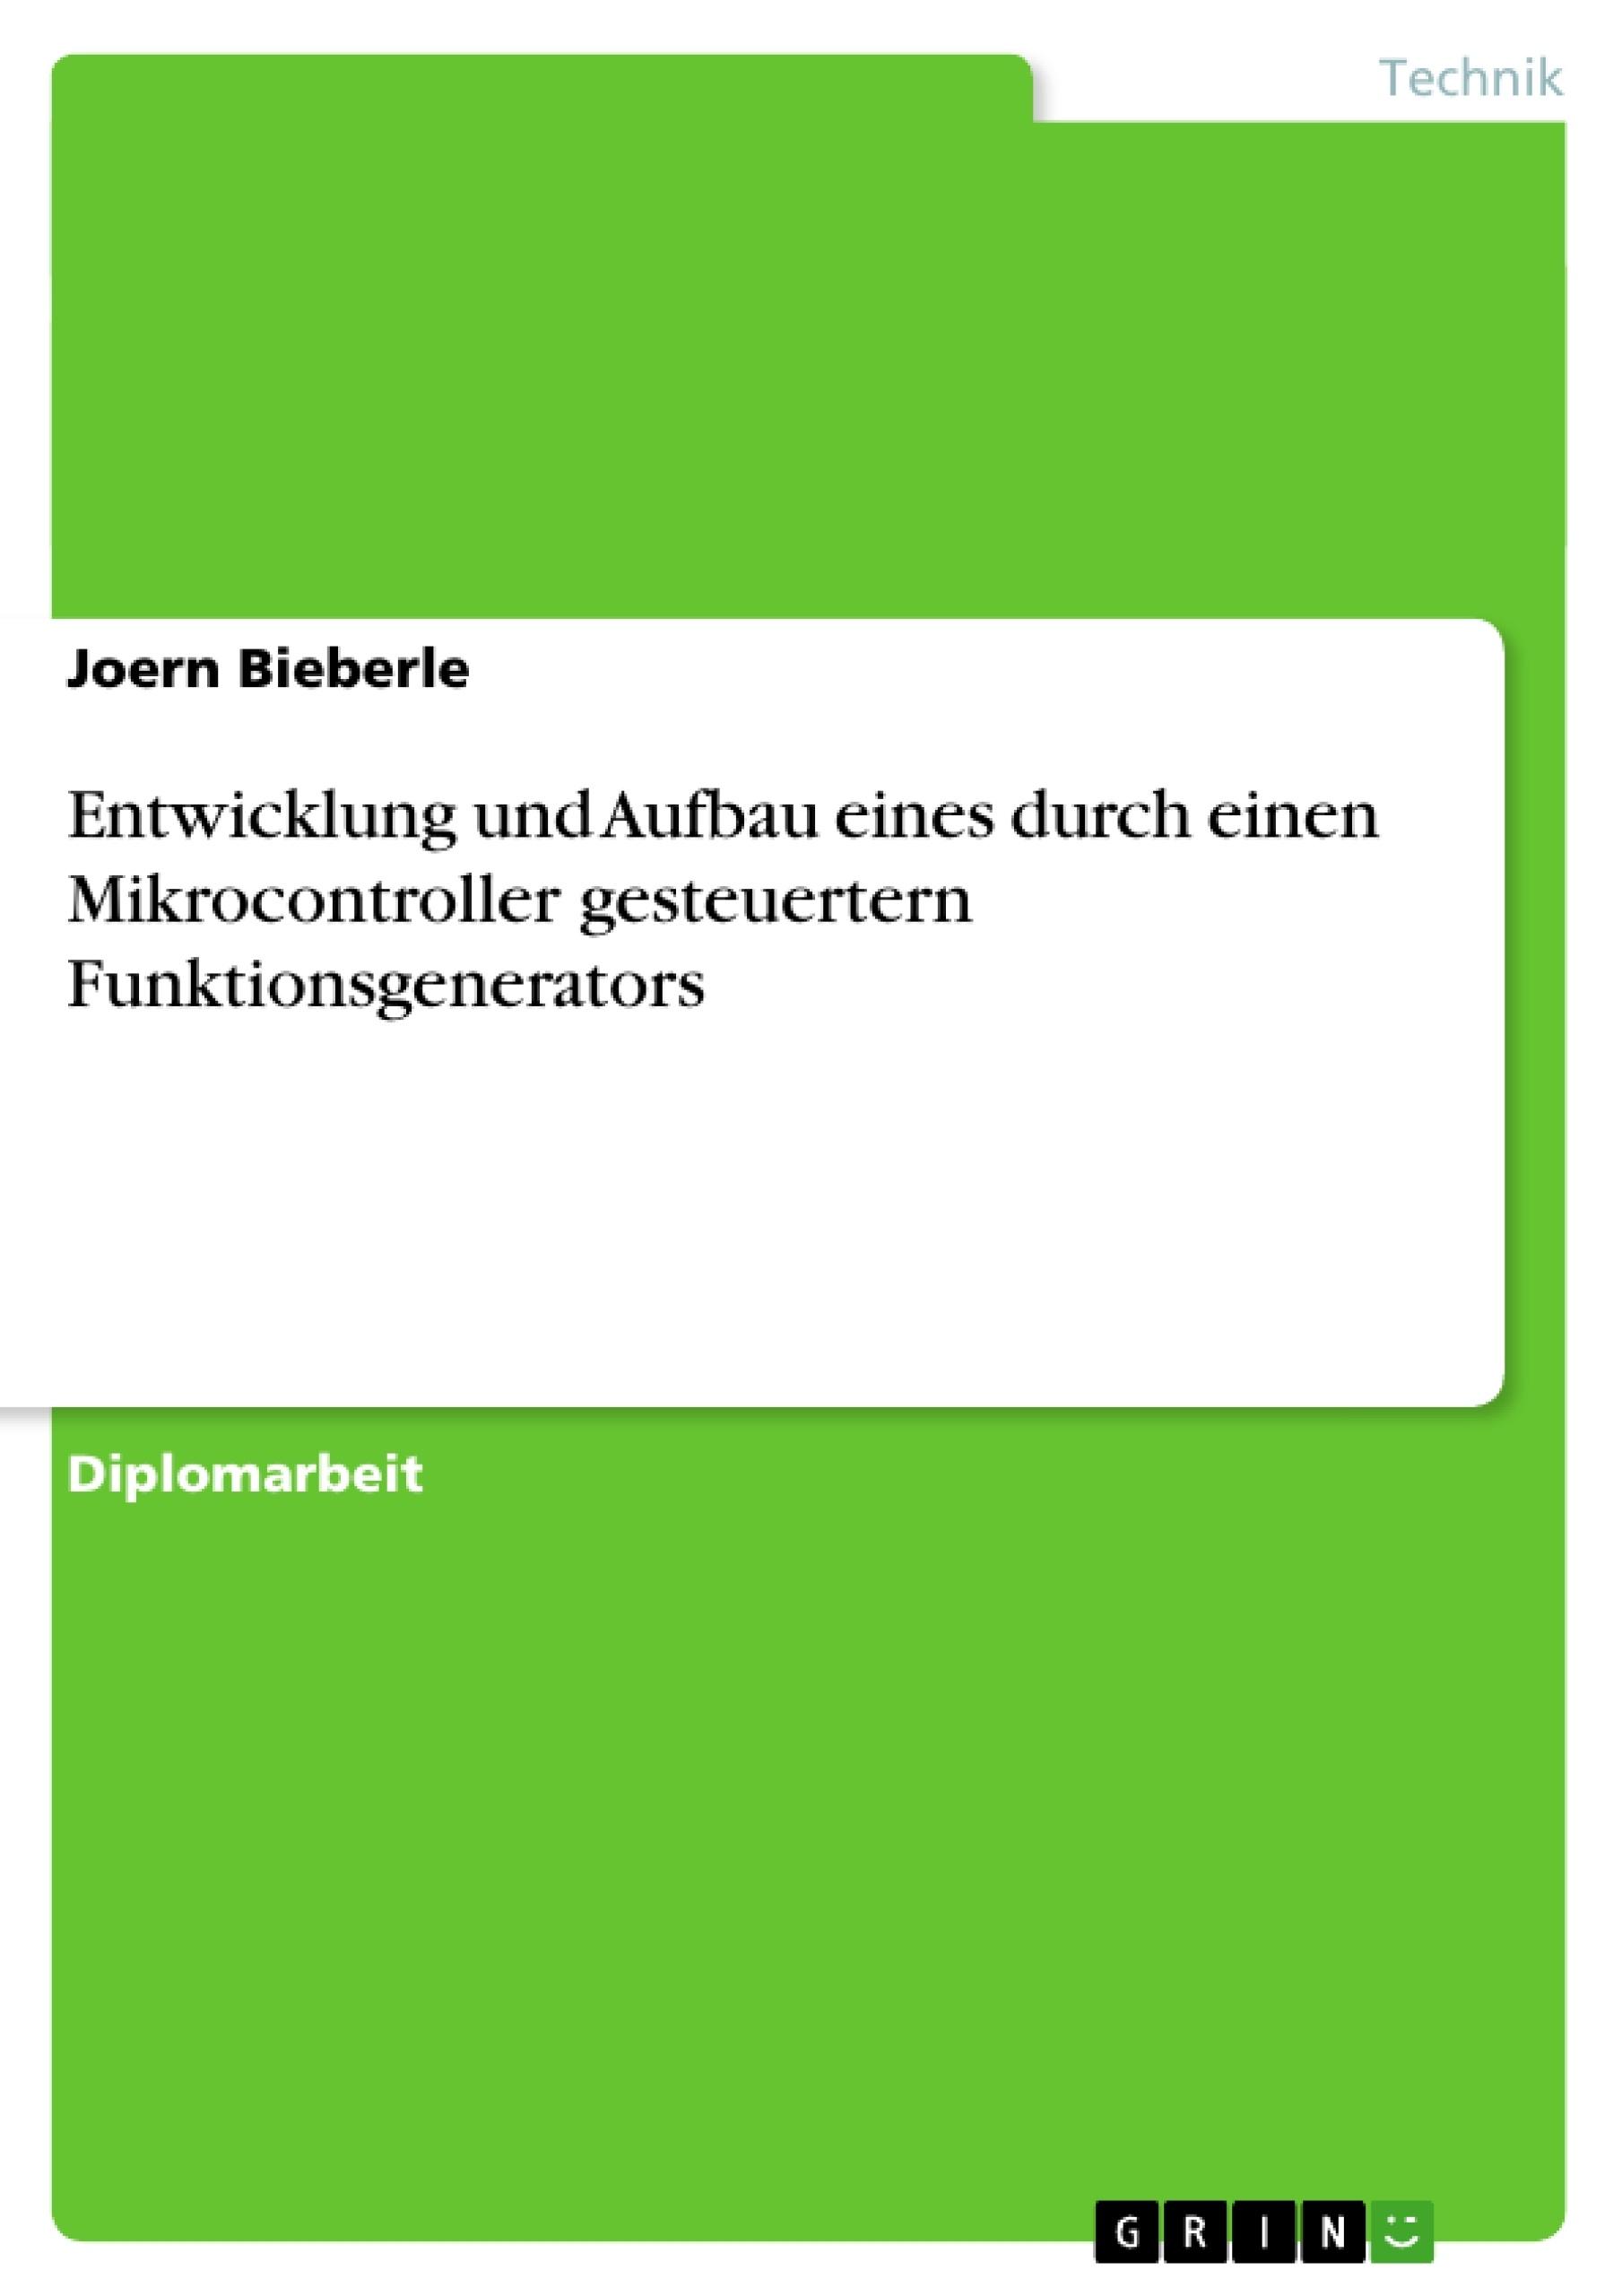 Titel: Entwicklung und Aufbau eines durch einen  Mikrocontroller gesteuertern Funktionsgenerators